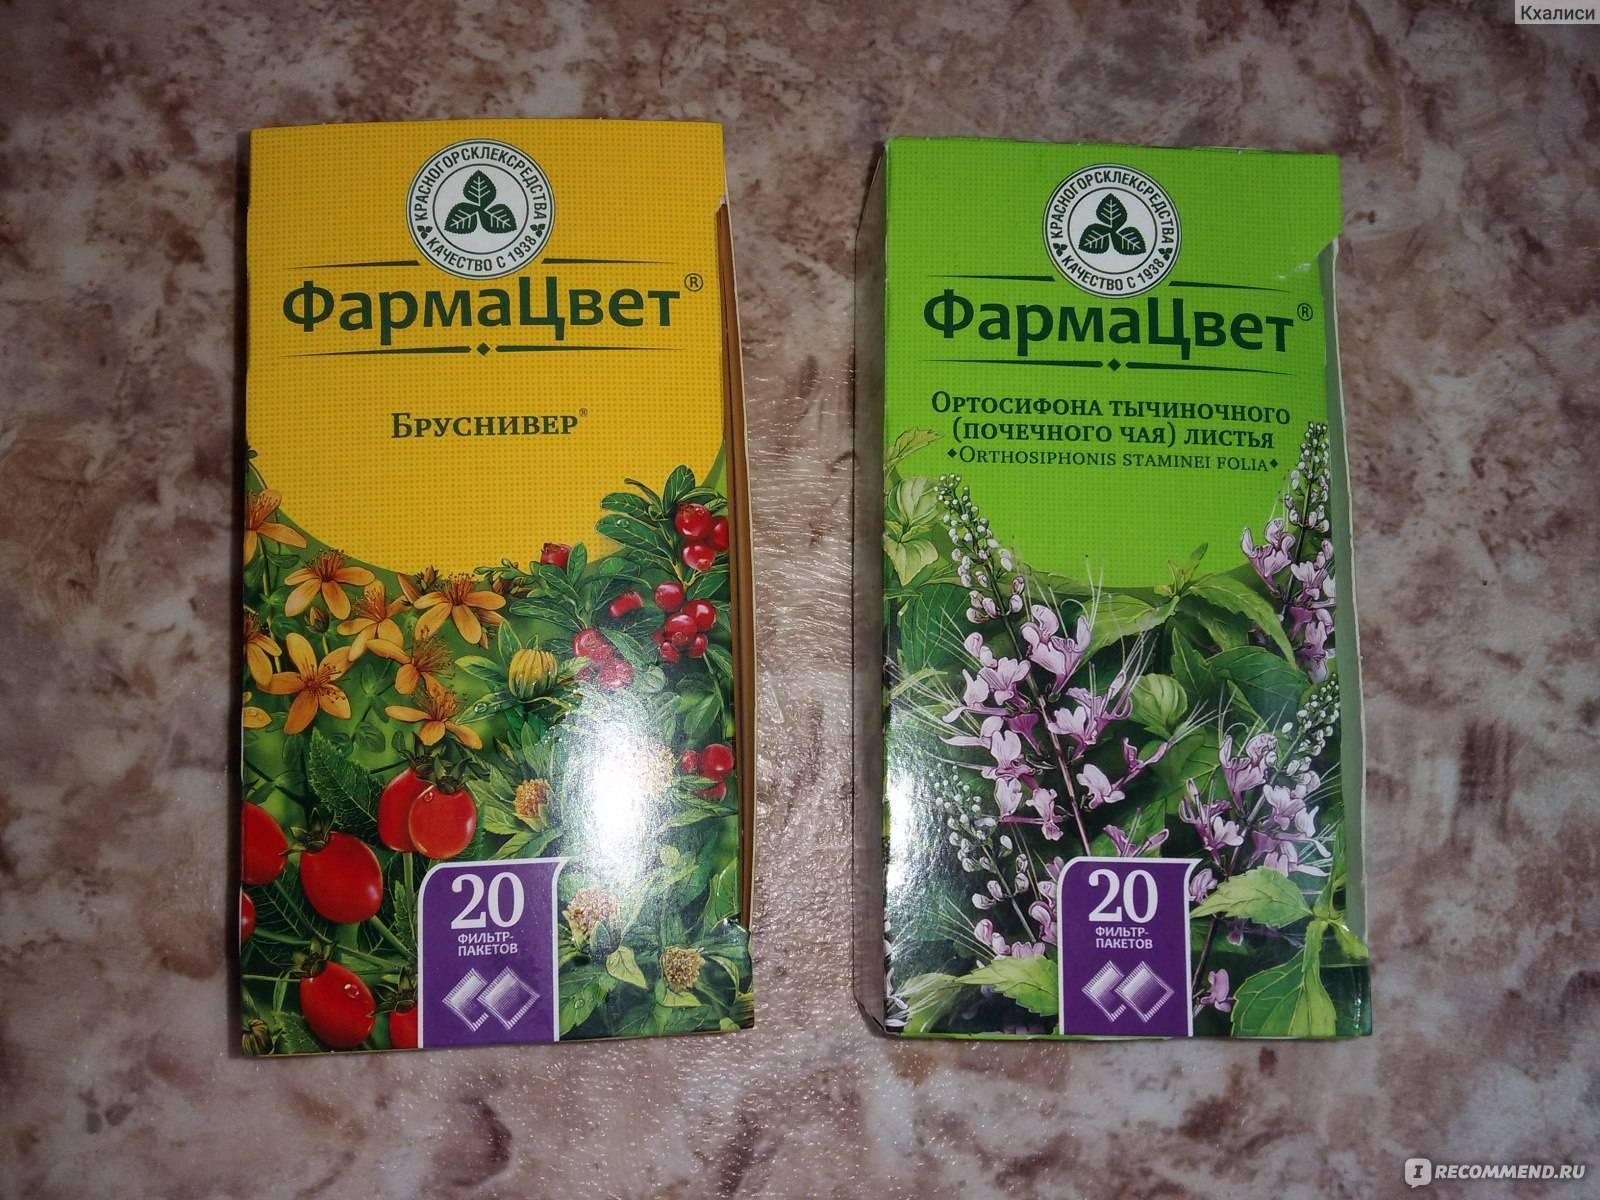 Монастырский чай для почек - почечный сбор: состав трав и лечебные свойства